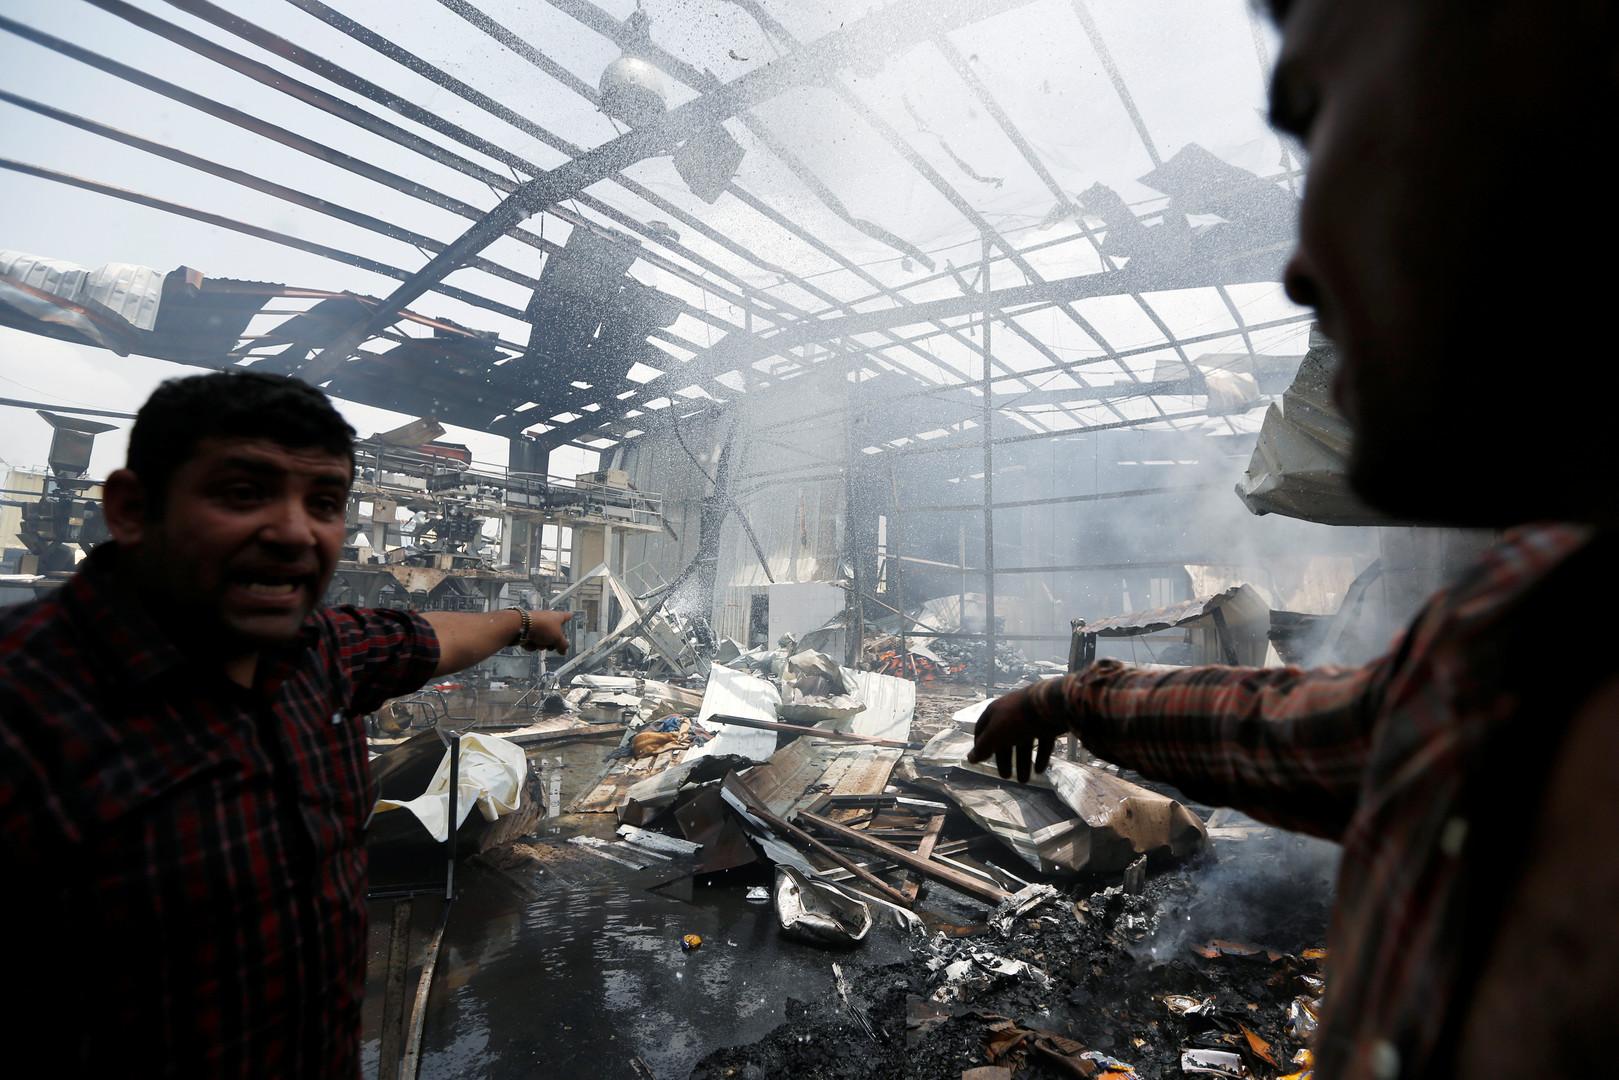 في يوم العمال العالمي.. تعرّض الآلاف منهم في اليمن لجرائم حرب وانتهاكات